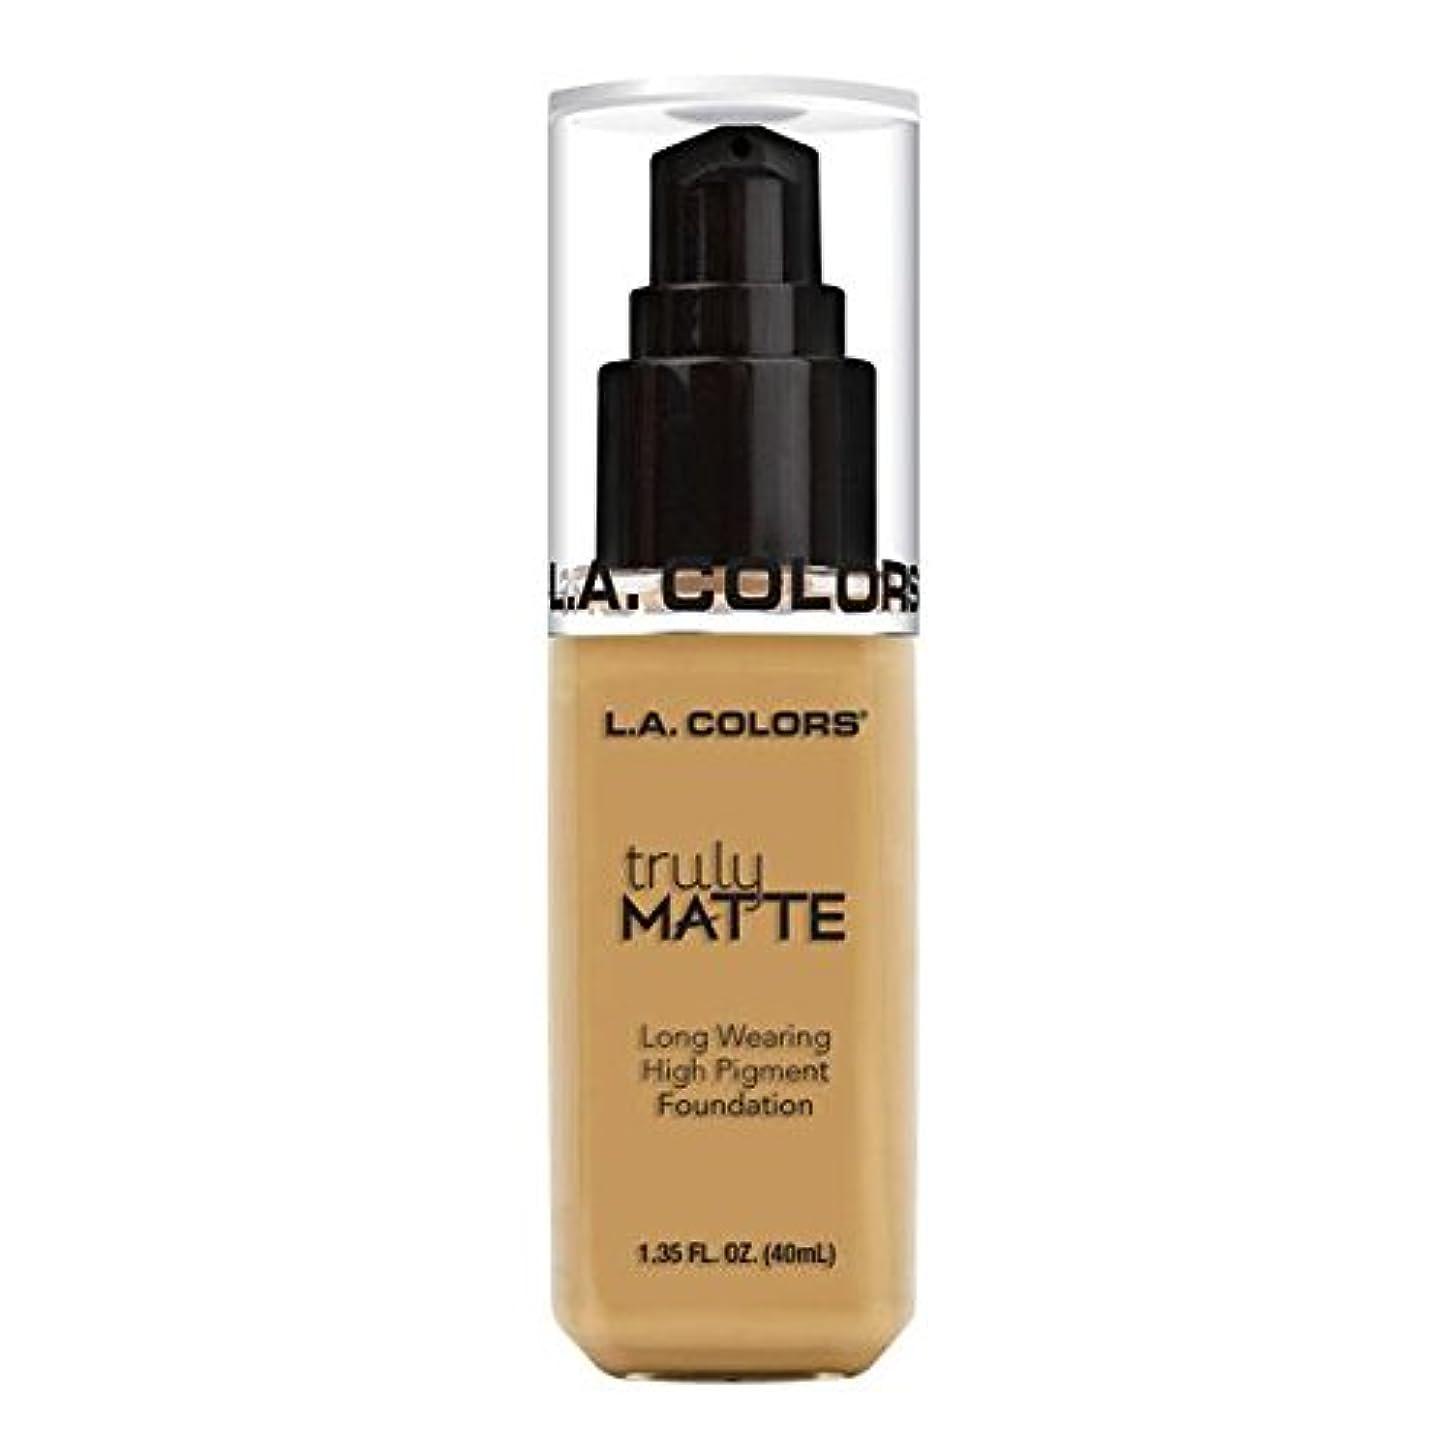 リッチ愛情深い批判的に(3 Pack) L.A. COLORS Truly Matte Foundation - Nude (並行輸入品)